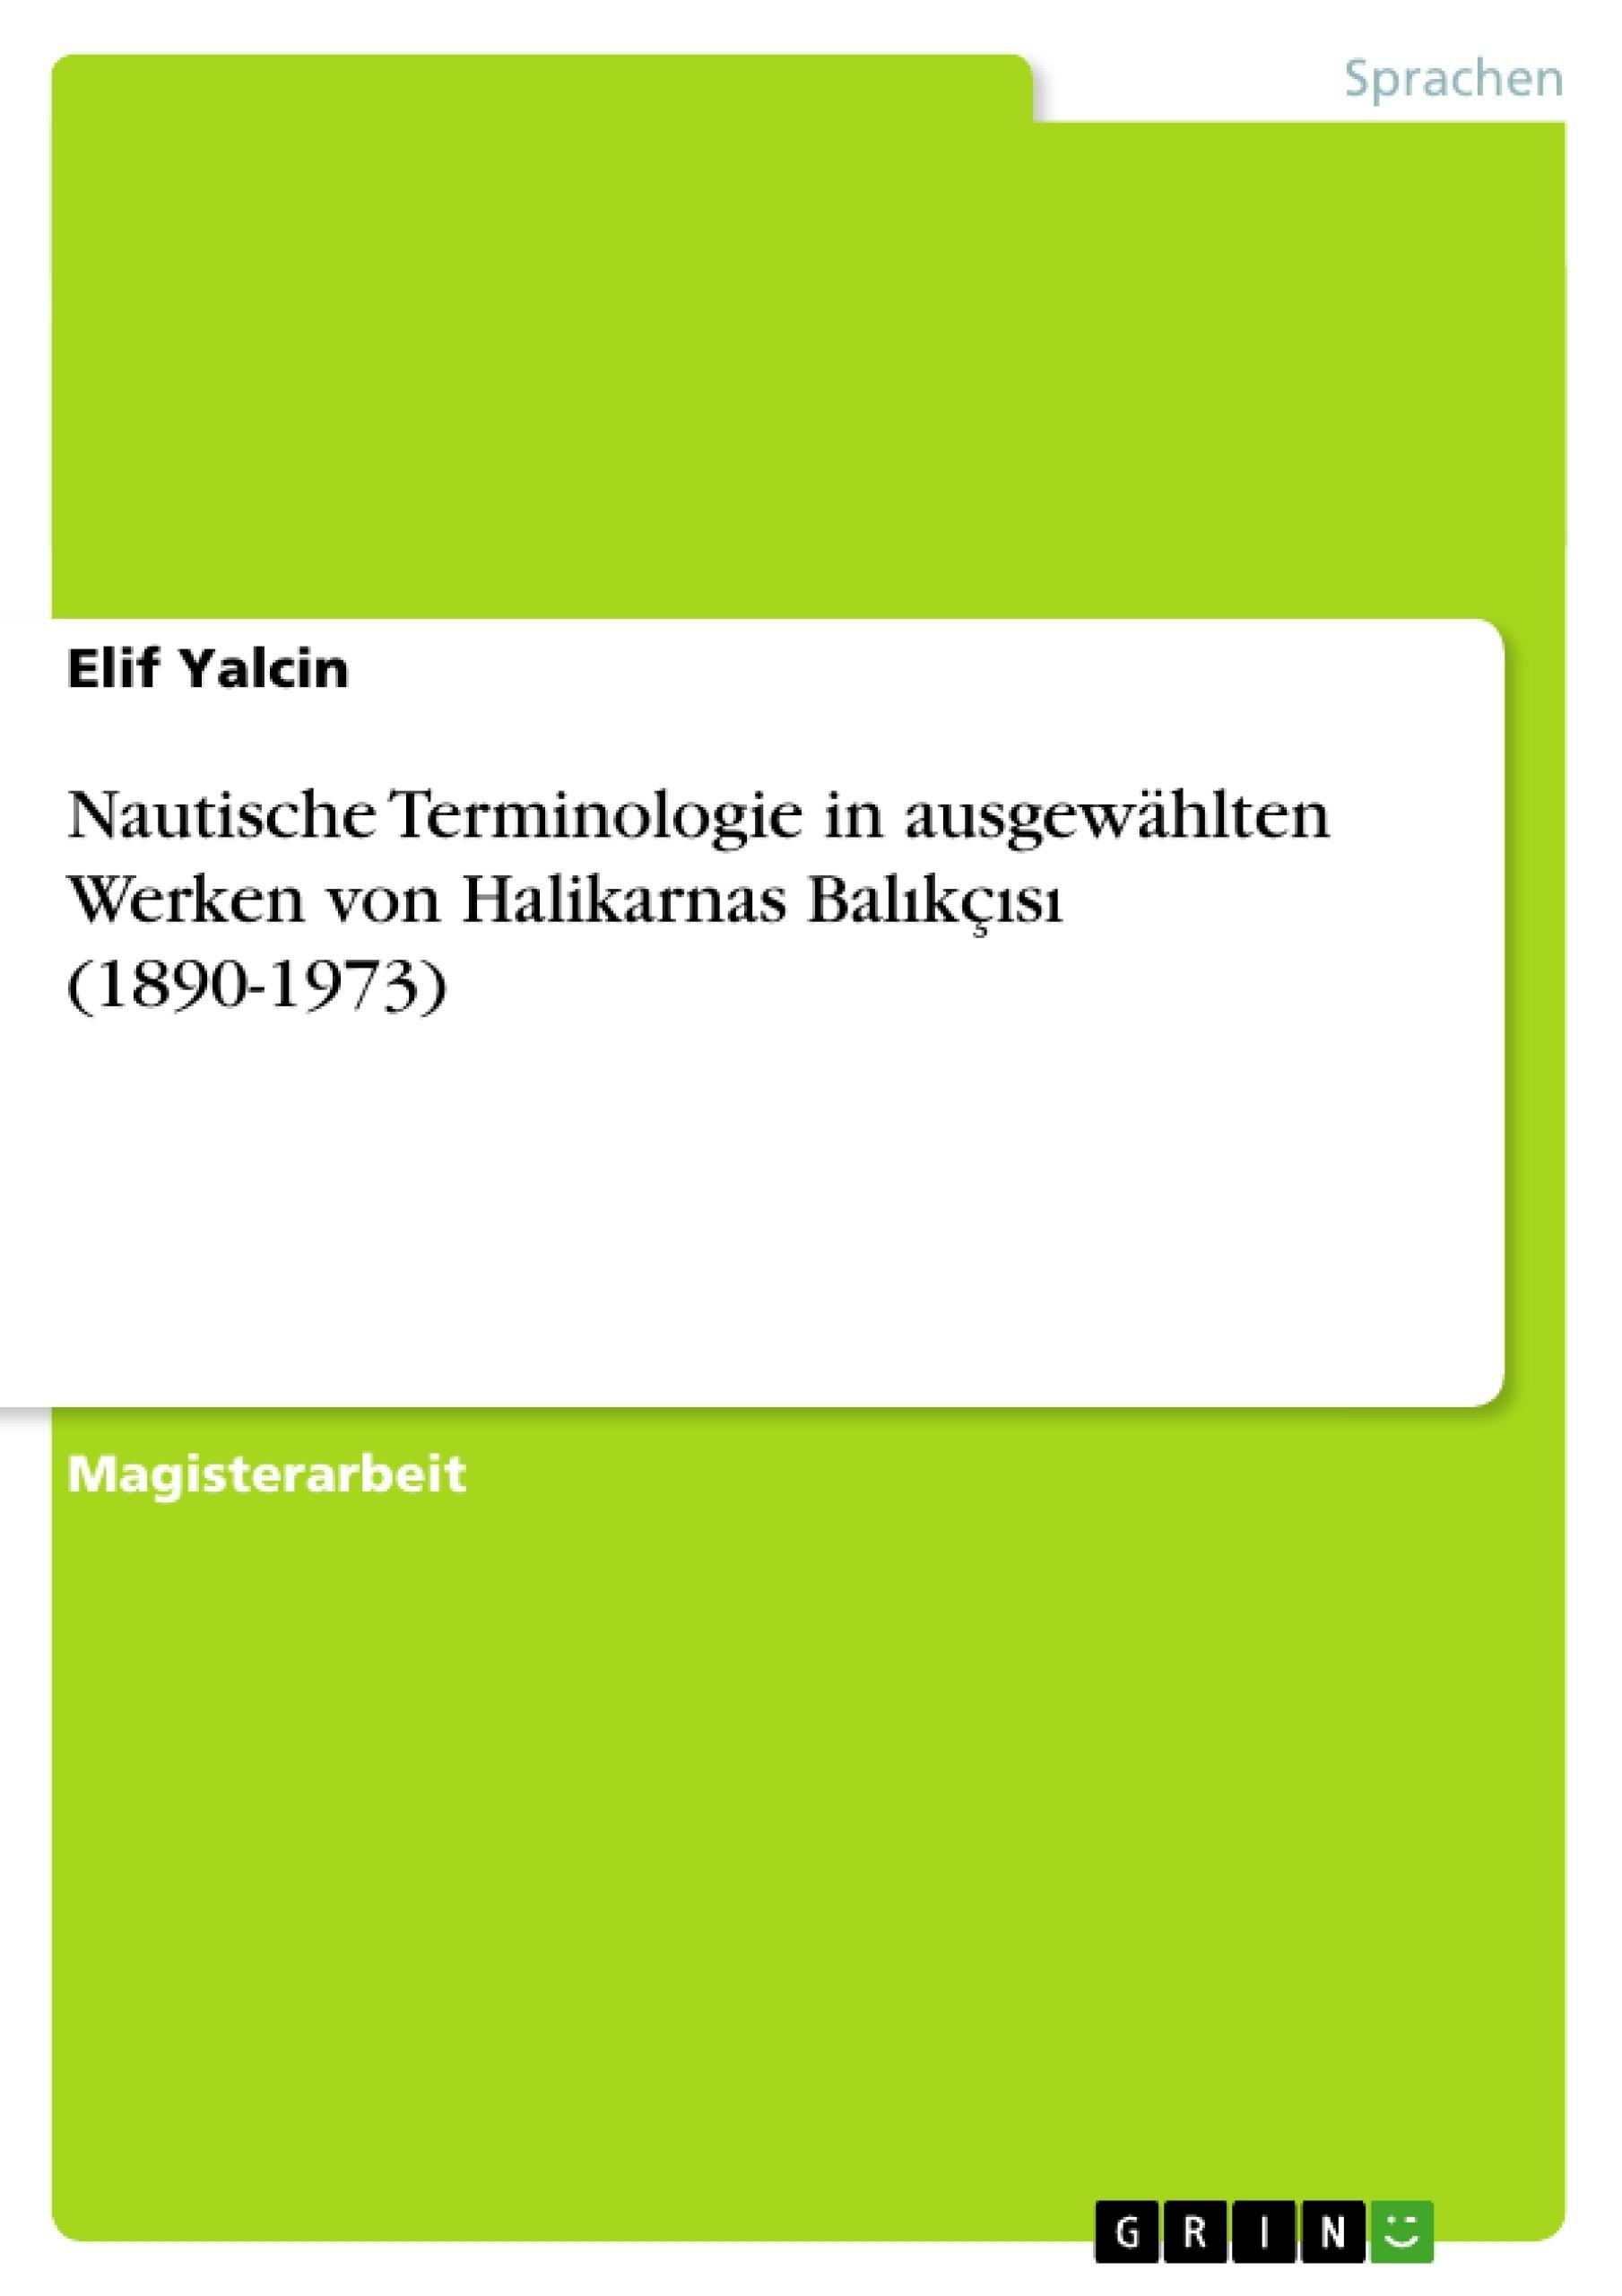 Titel: Nautische Terminologie in ausgewählten Werken von Halikarnas Balıkçısı (1890-1973)